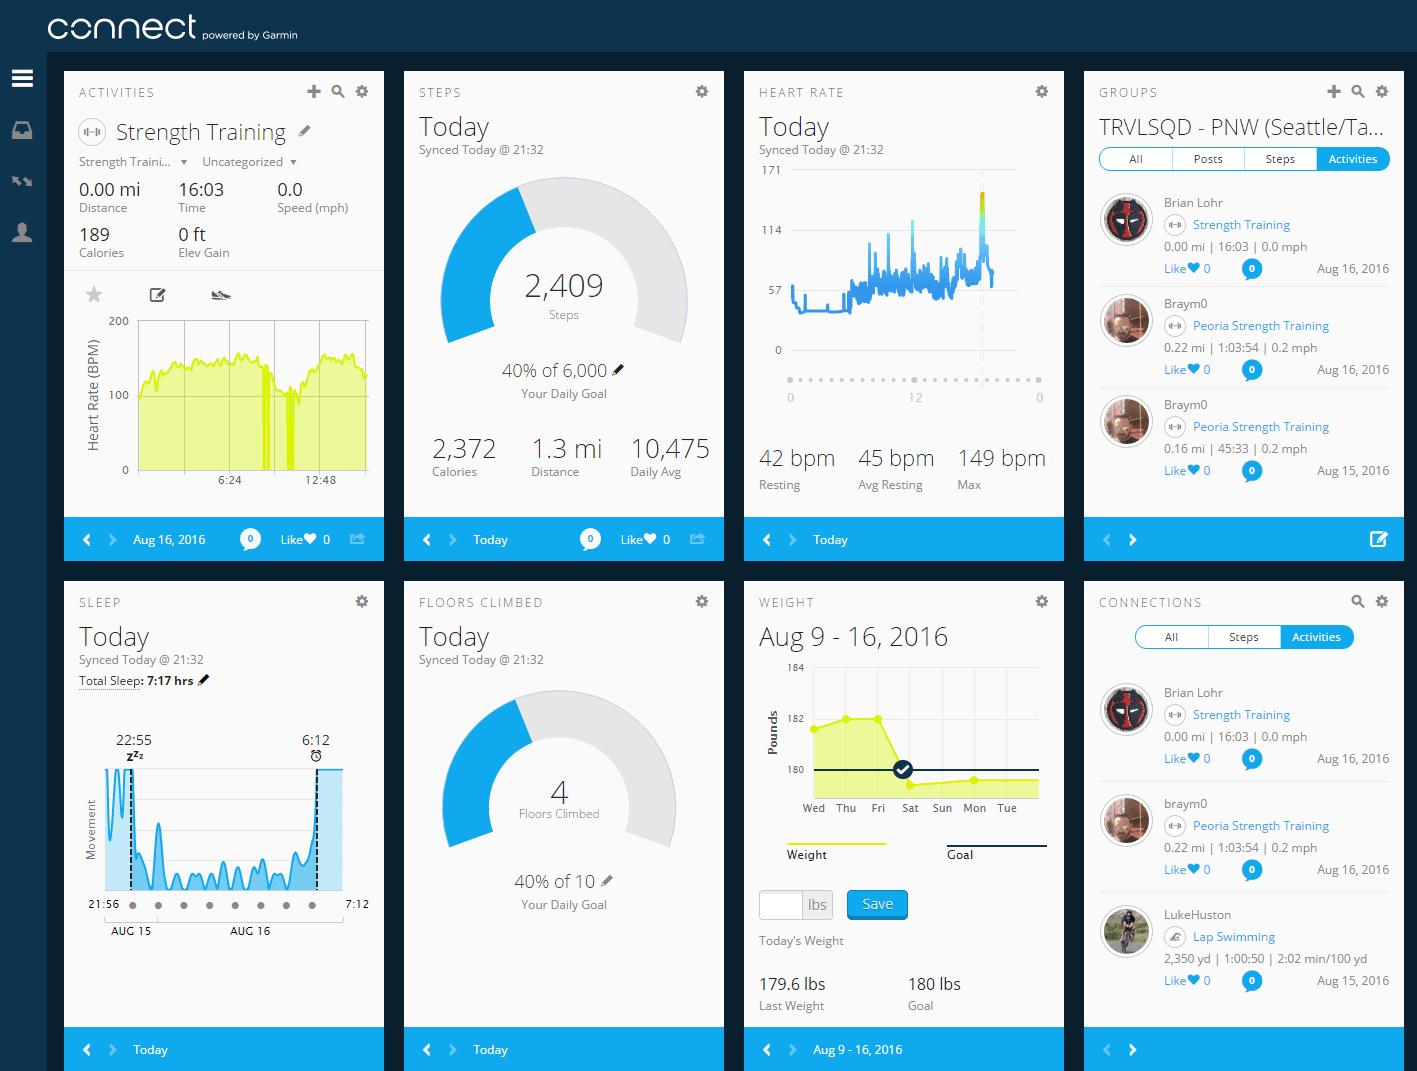 Garmin Connect Home Screen